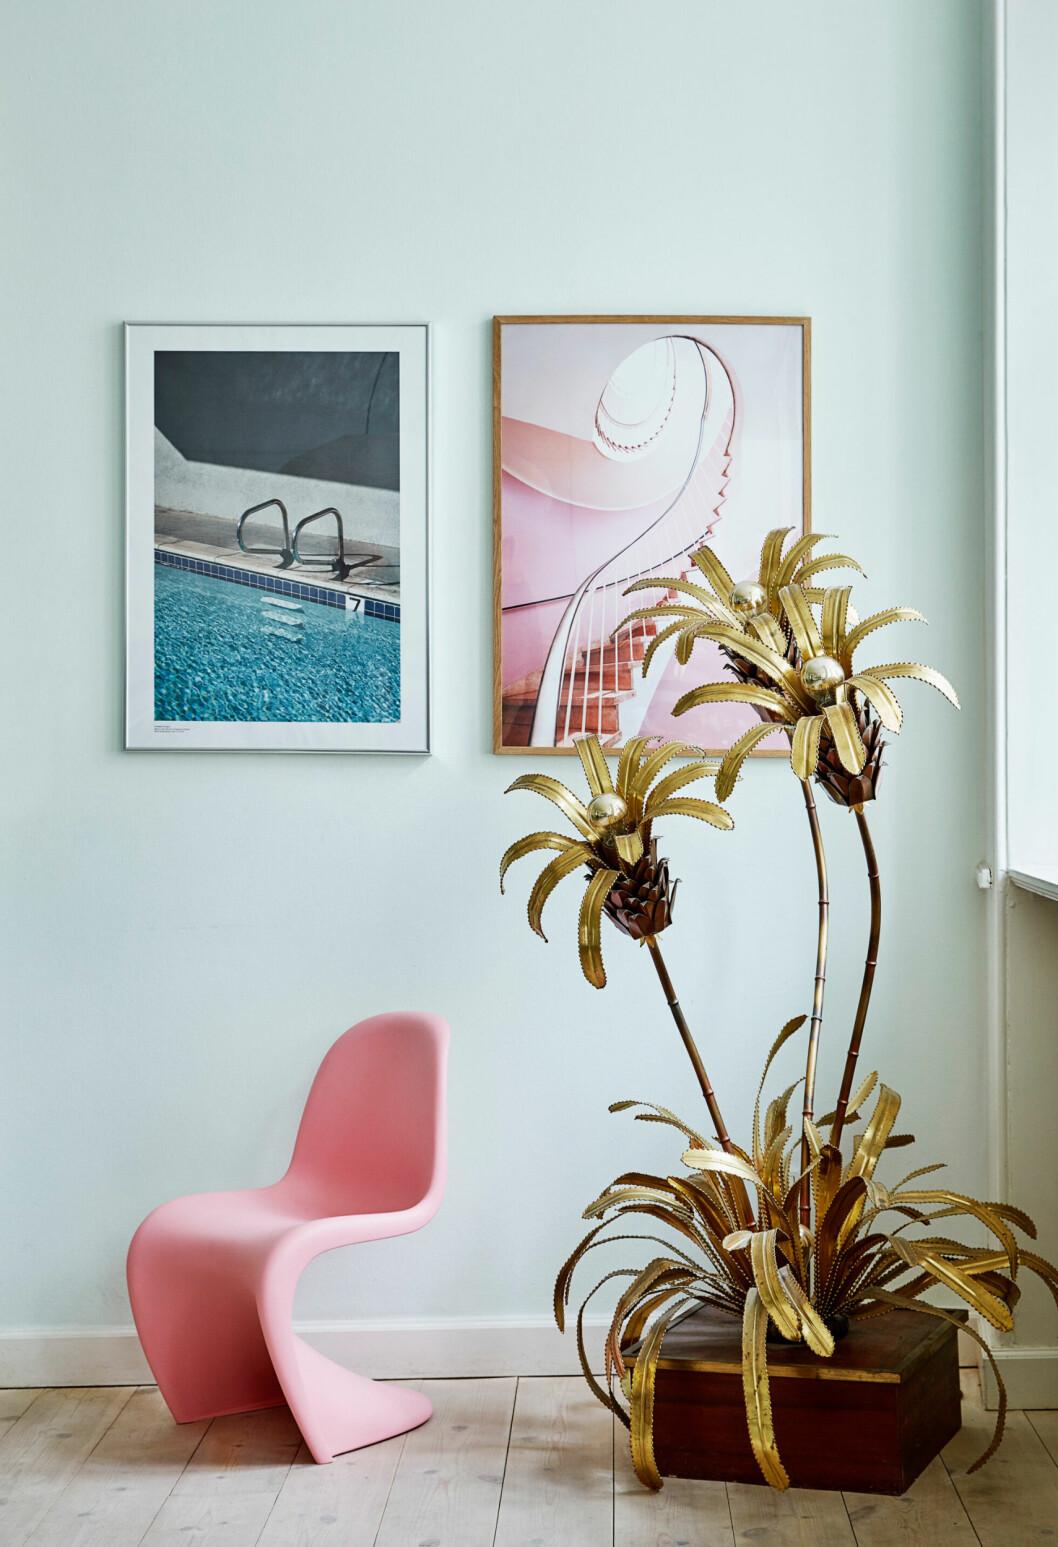 Rosa stol, palmdekoration och två tavlor i ett fint stilleben